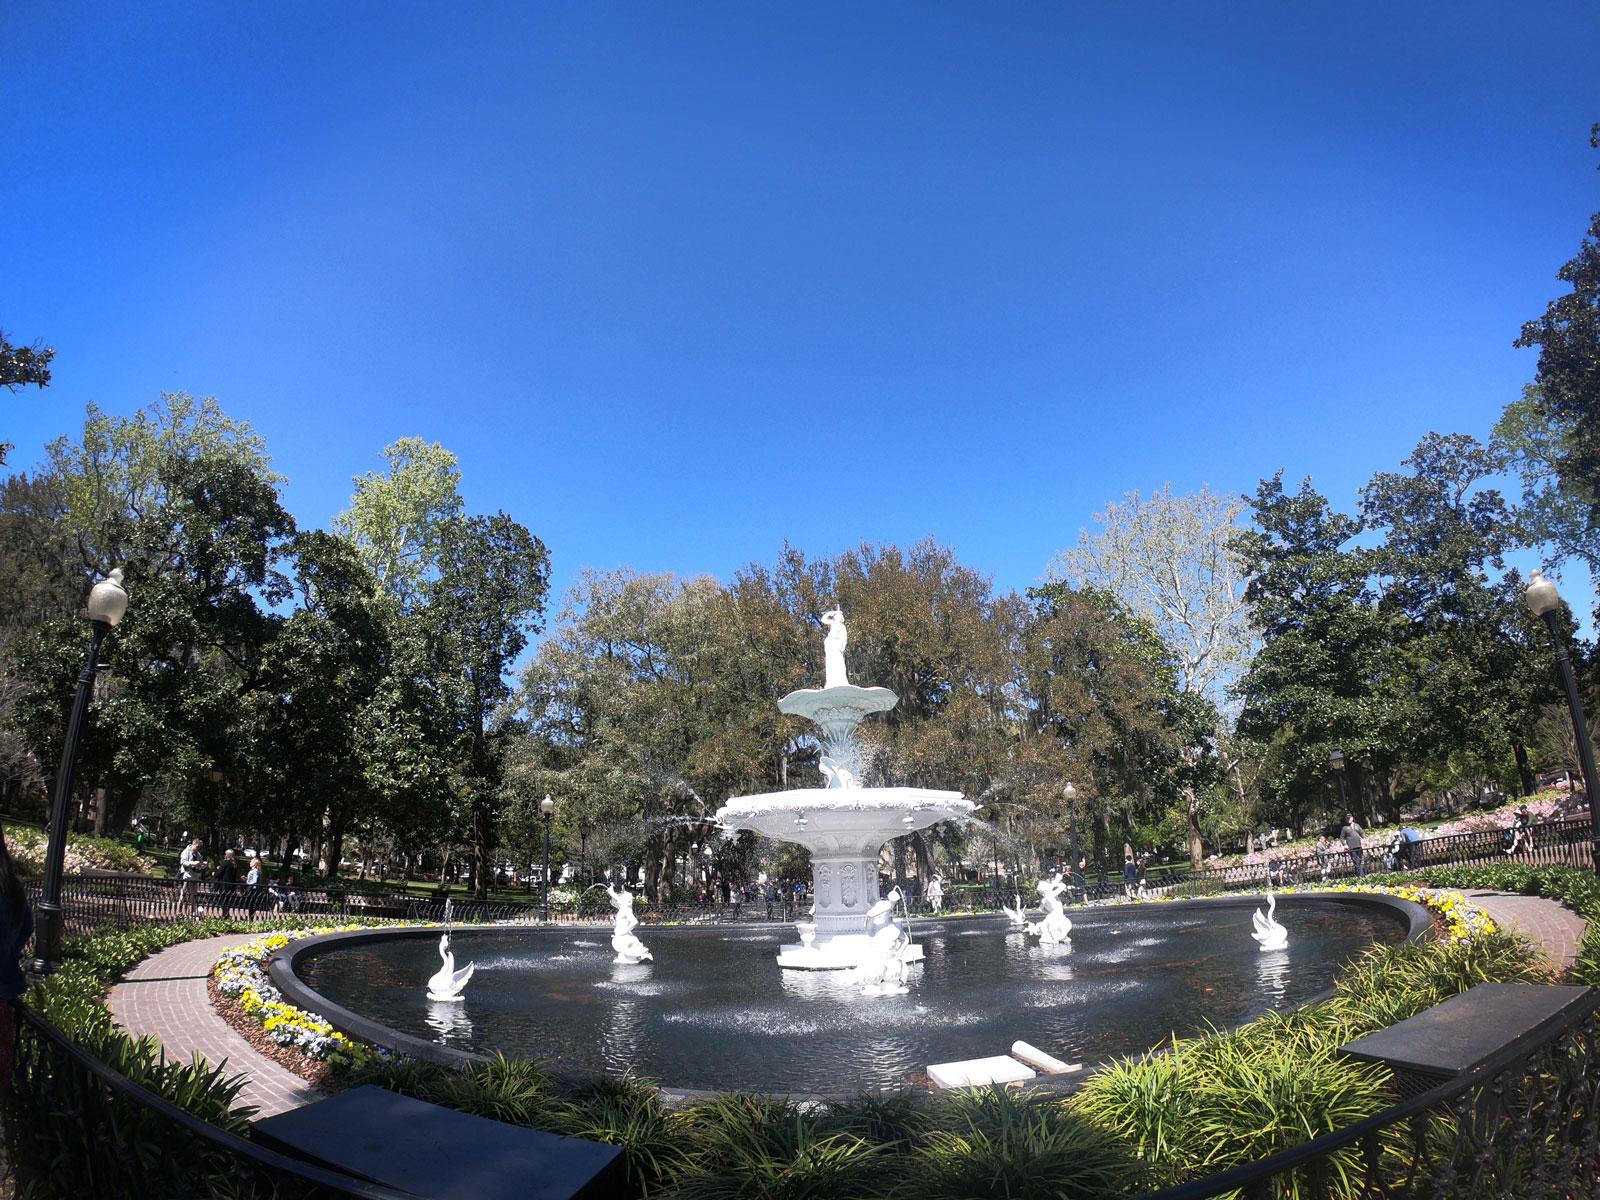 Iconic Forsyth Park fountain in Savannah, Georgia